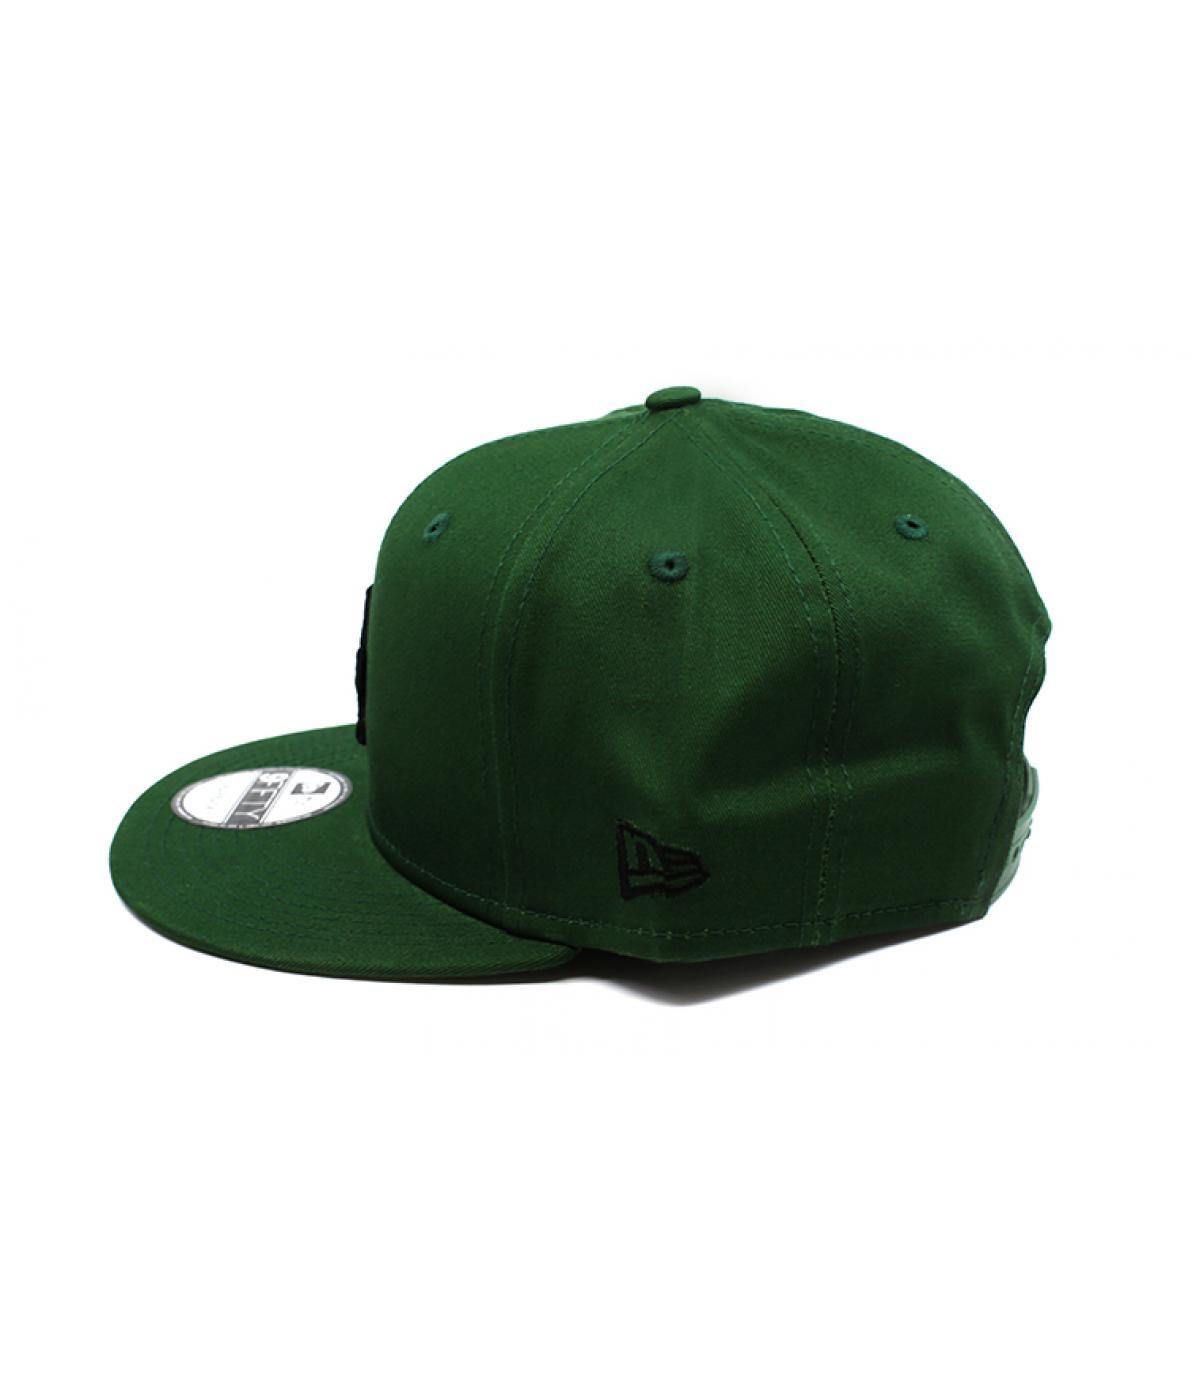 Détails Snapback League Ess LA 950 hooley green black - image 4